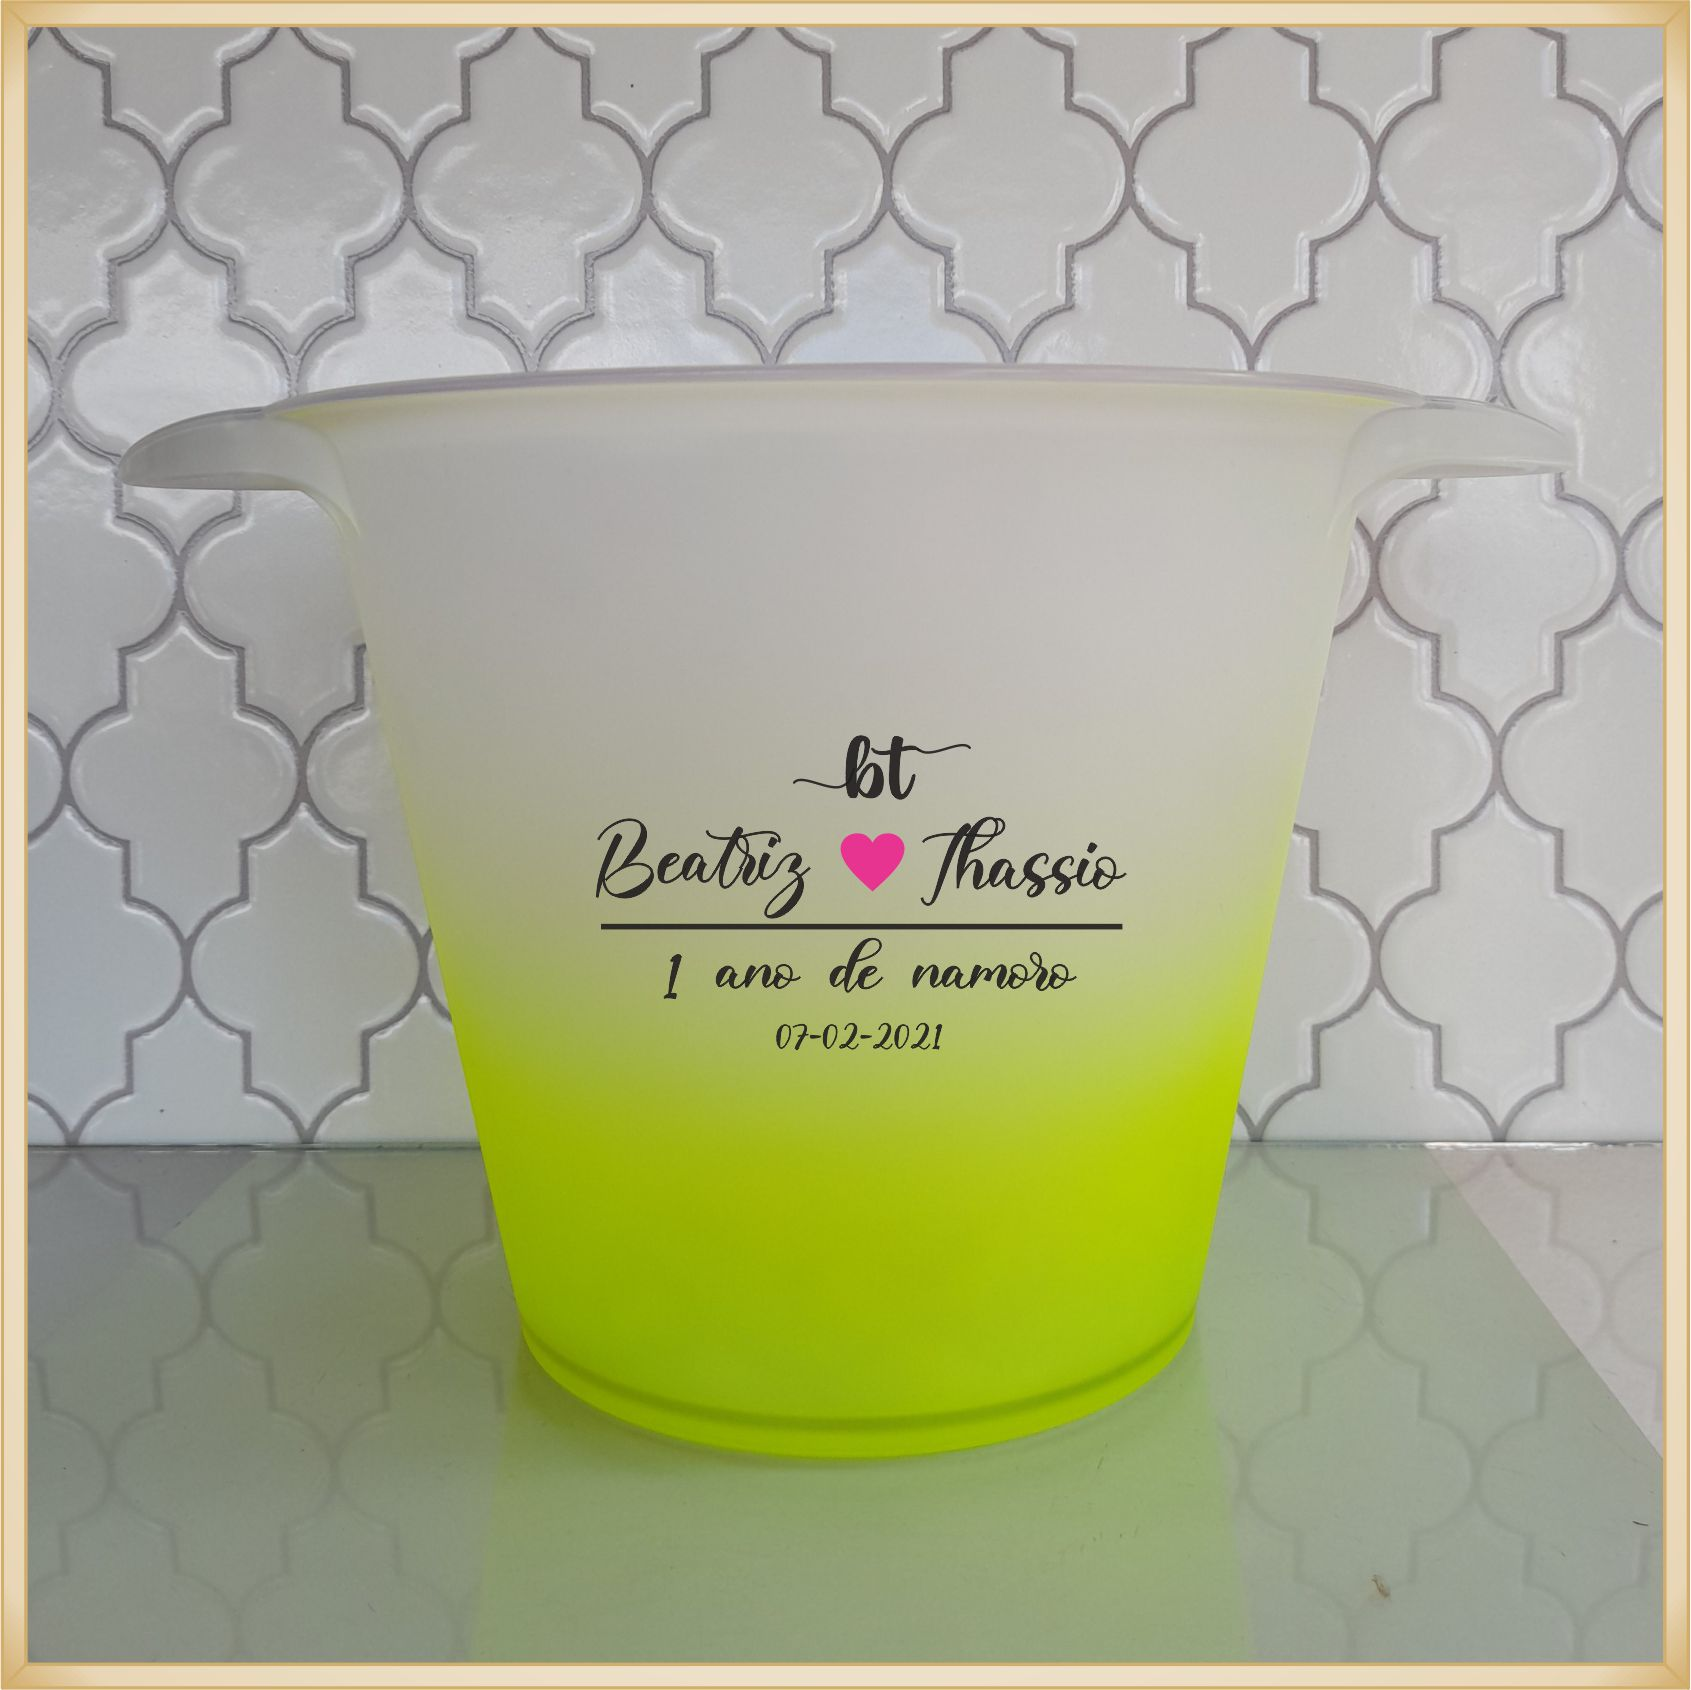 Balde de gelo personalizado 5 litros - Produto de alta qualidade, paredes reforçadas sem riscos e rebarbas, estampa digital e colorida